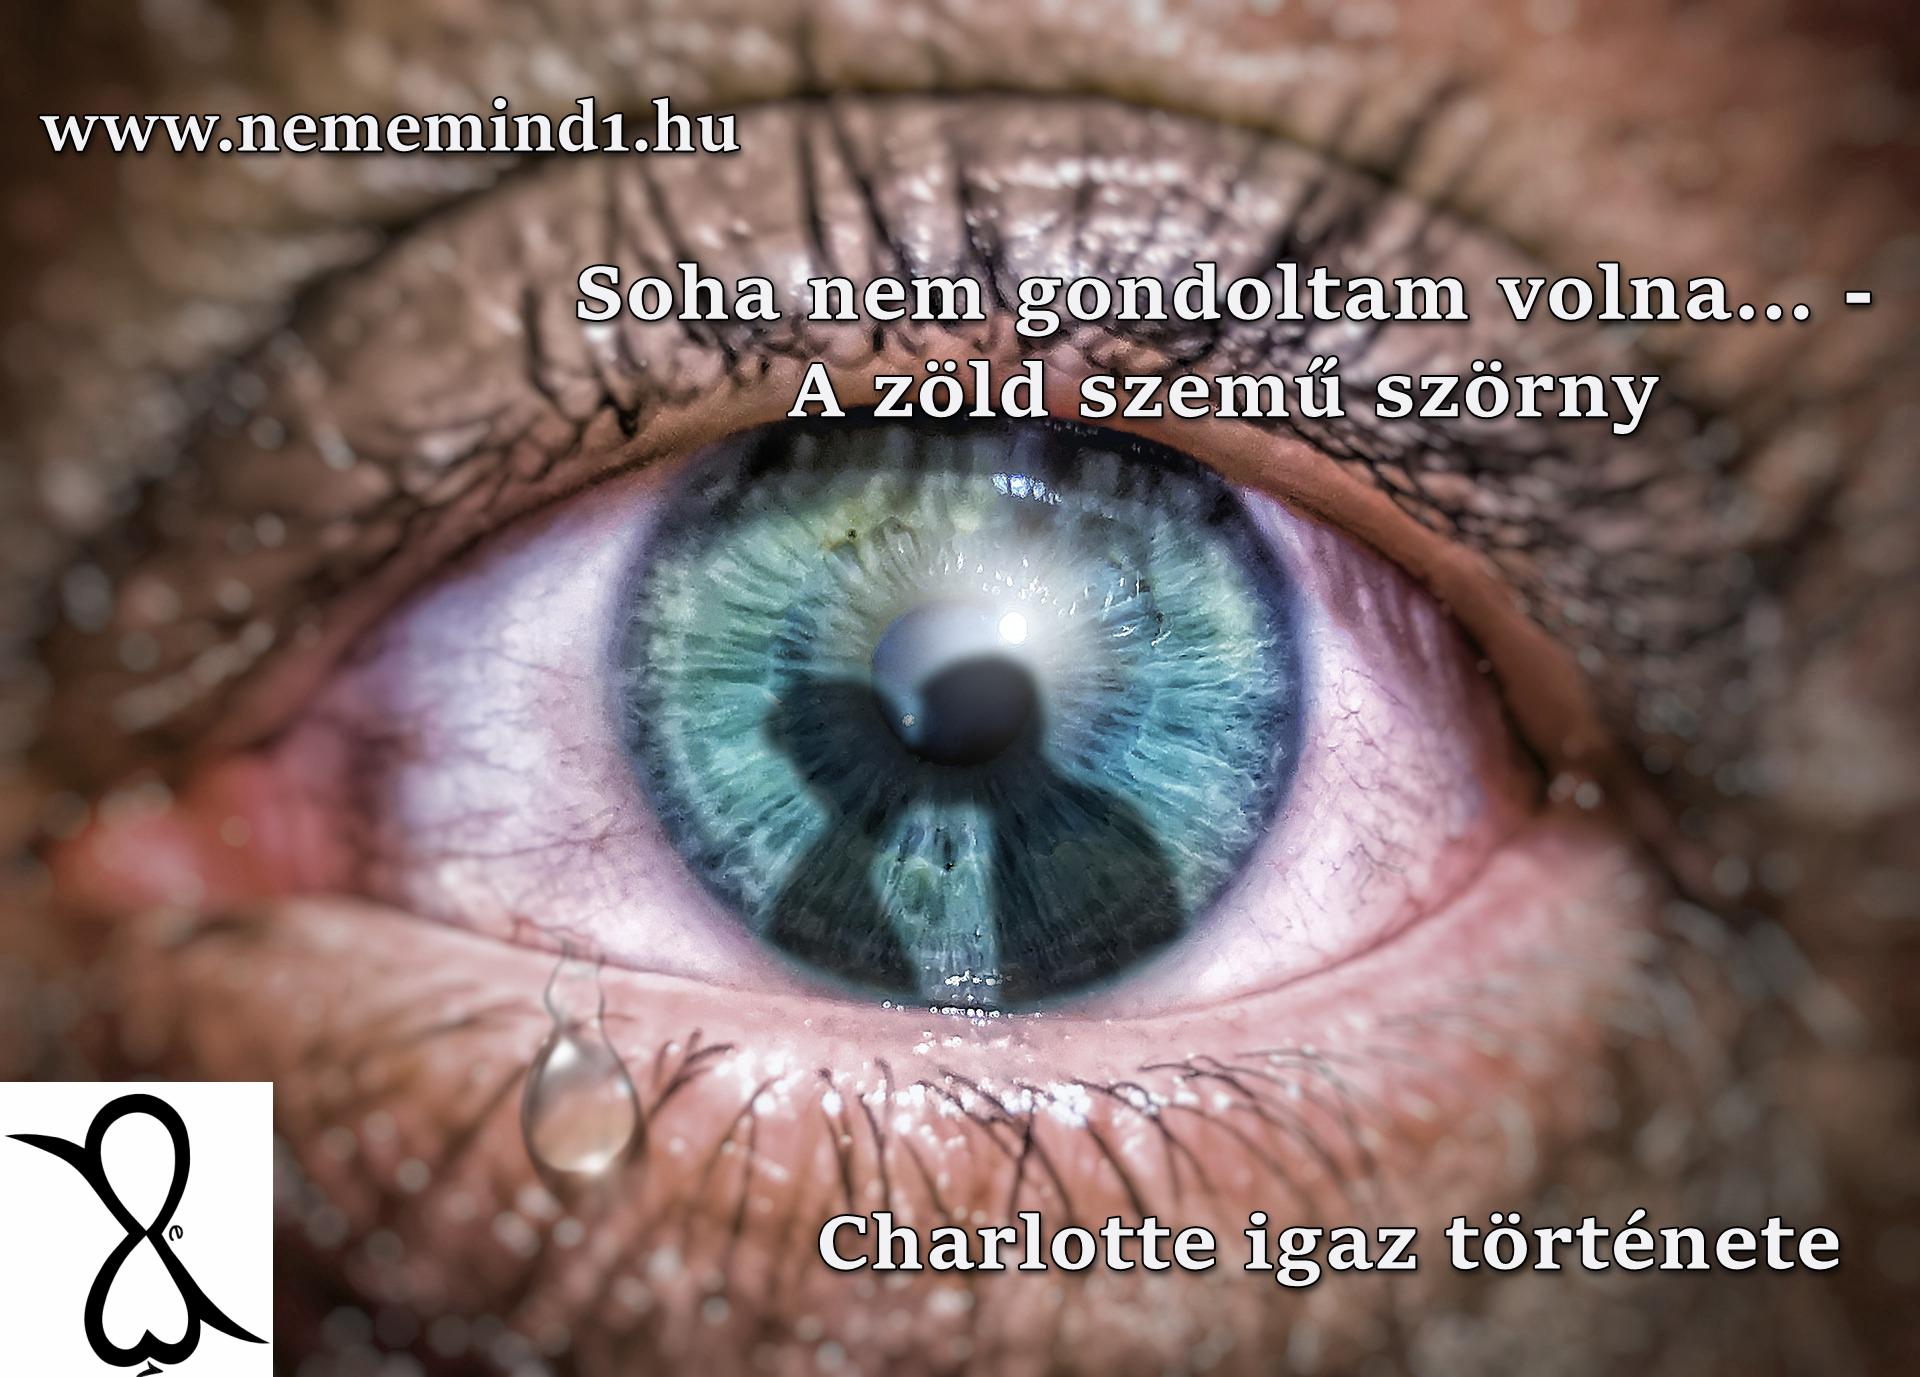 Soha nem gondoltam volna… – A zöld szemű szörny (Charlotte igaz története)